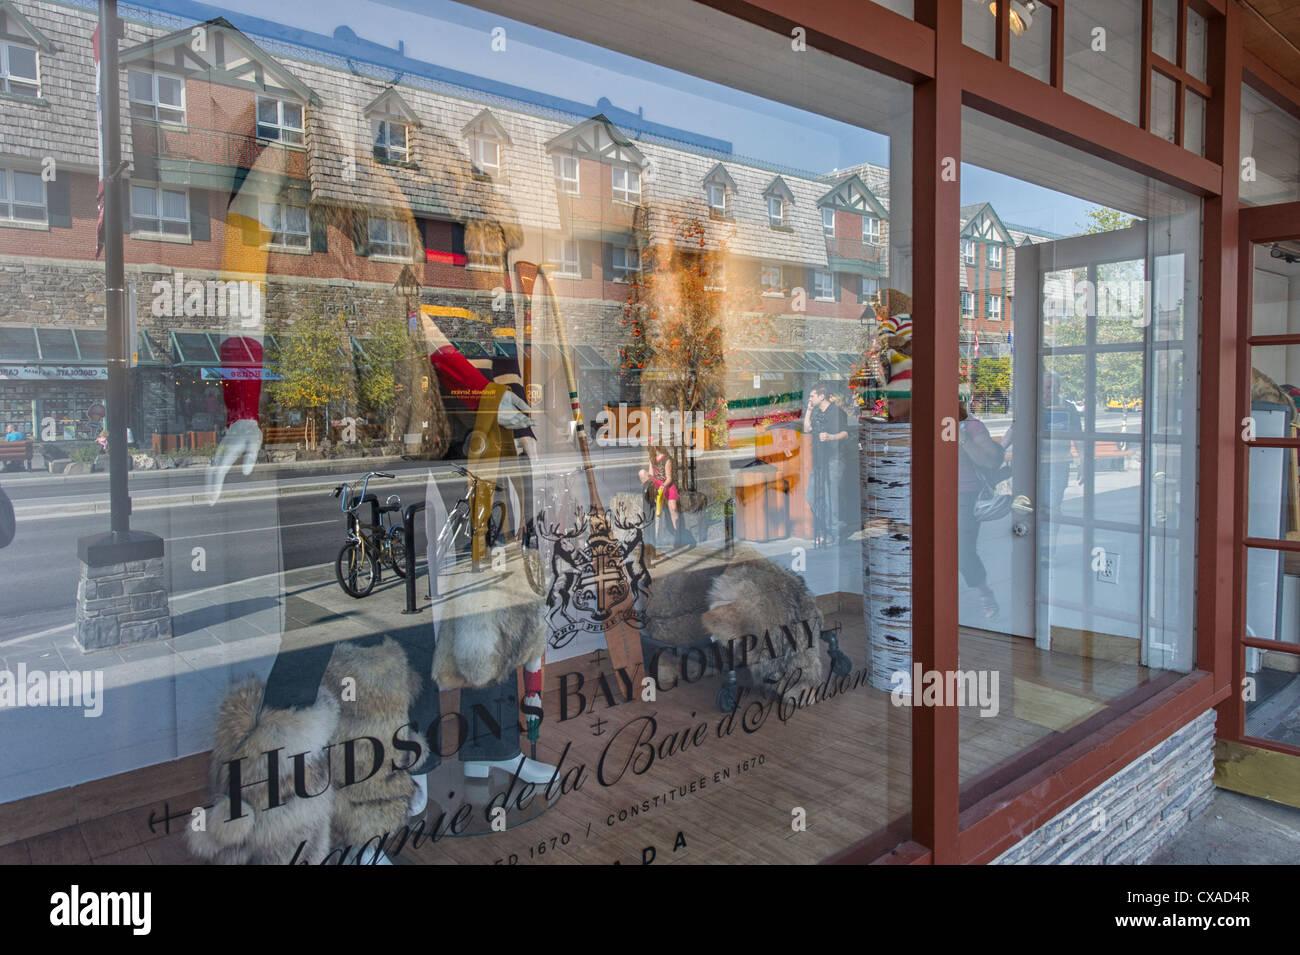 hudson-bay-storefront-window-on-banff-avenue-banff-alberta-canada-CXAD4R.jpg